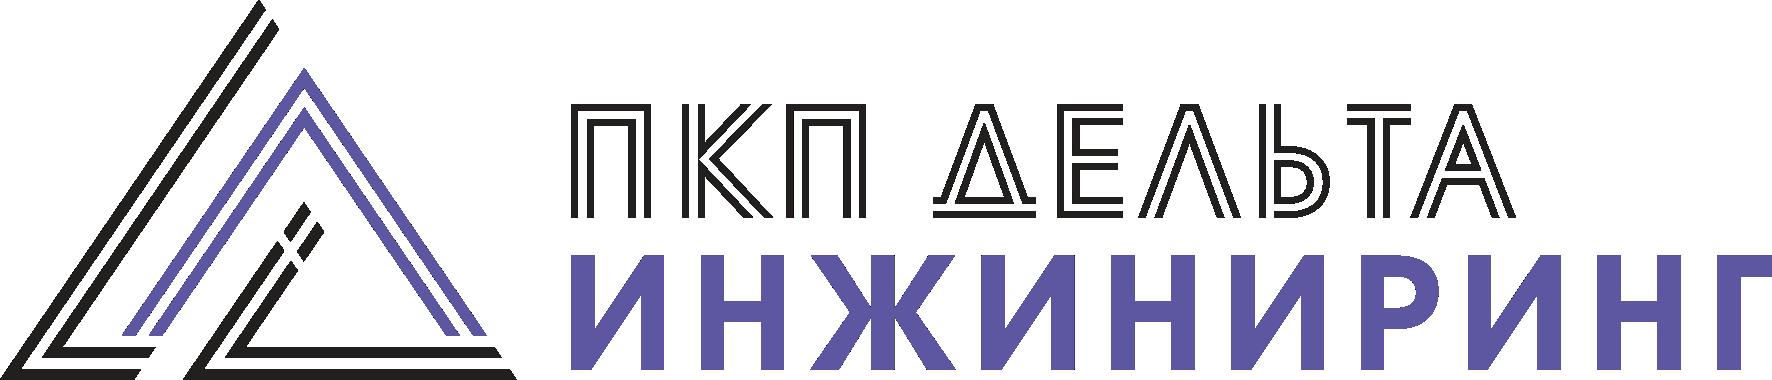 """ПКП """"ДЕЛЬТА ИНЖИНИРИНГ"""""""